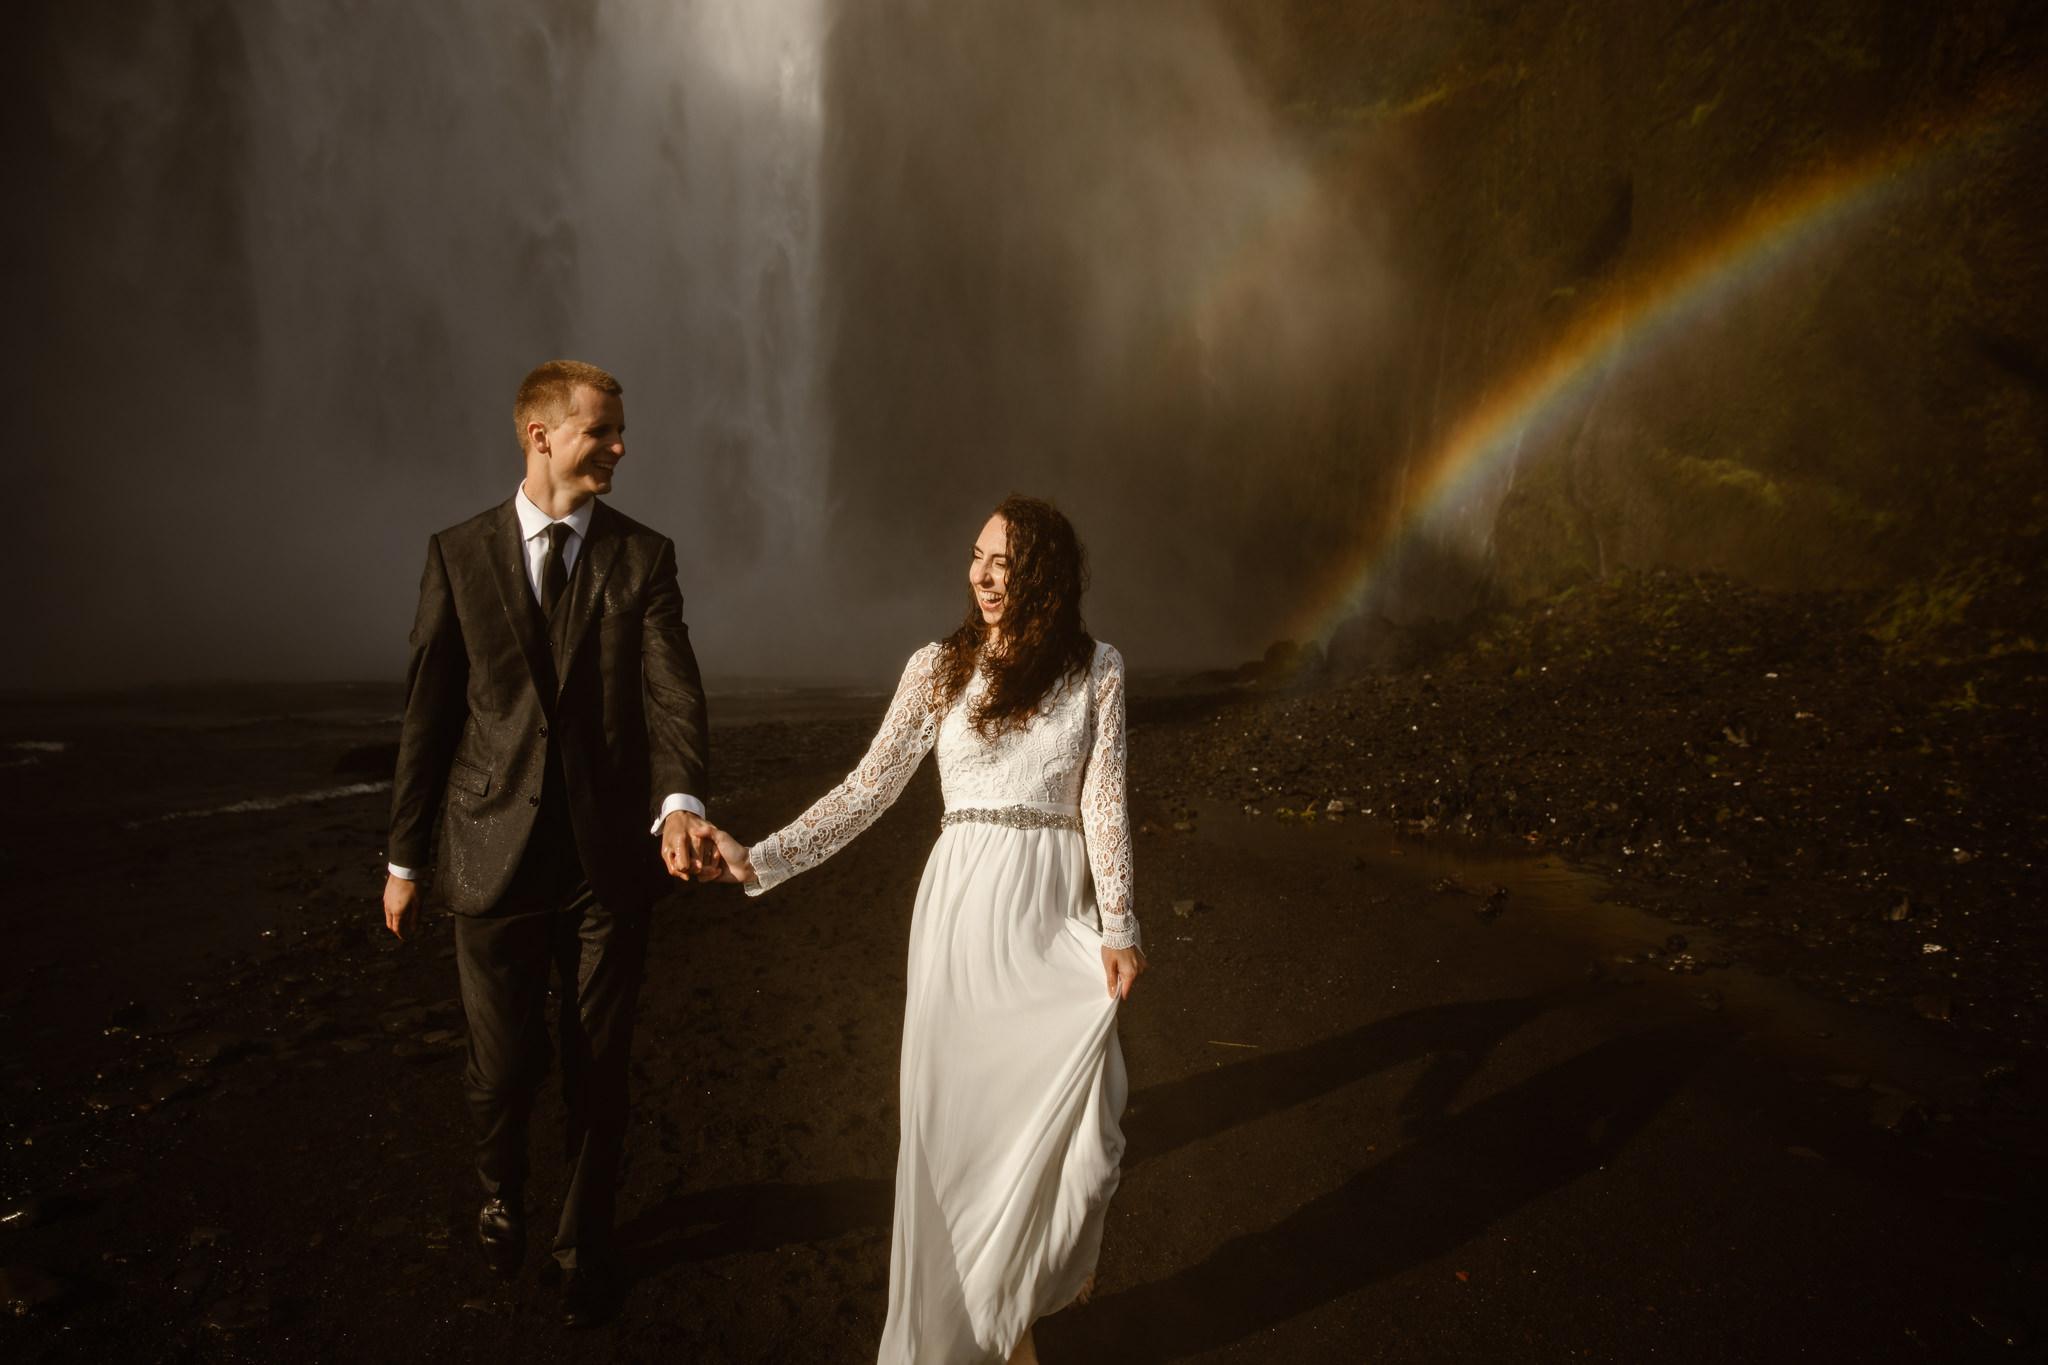 waterfall-adventure-elopement-photographer.jpg